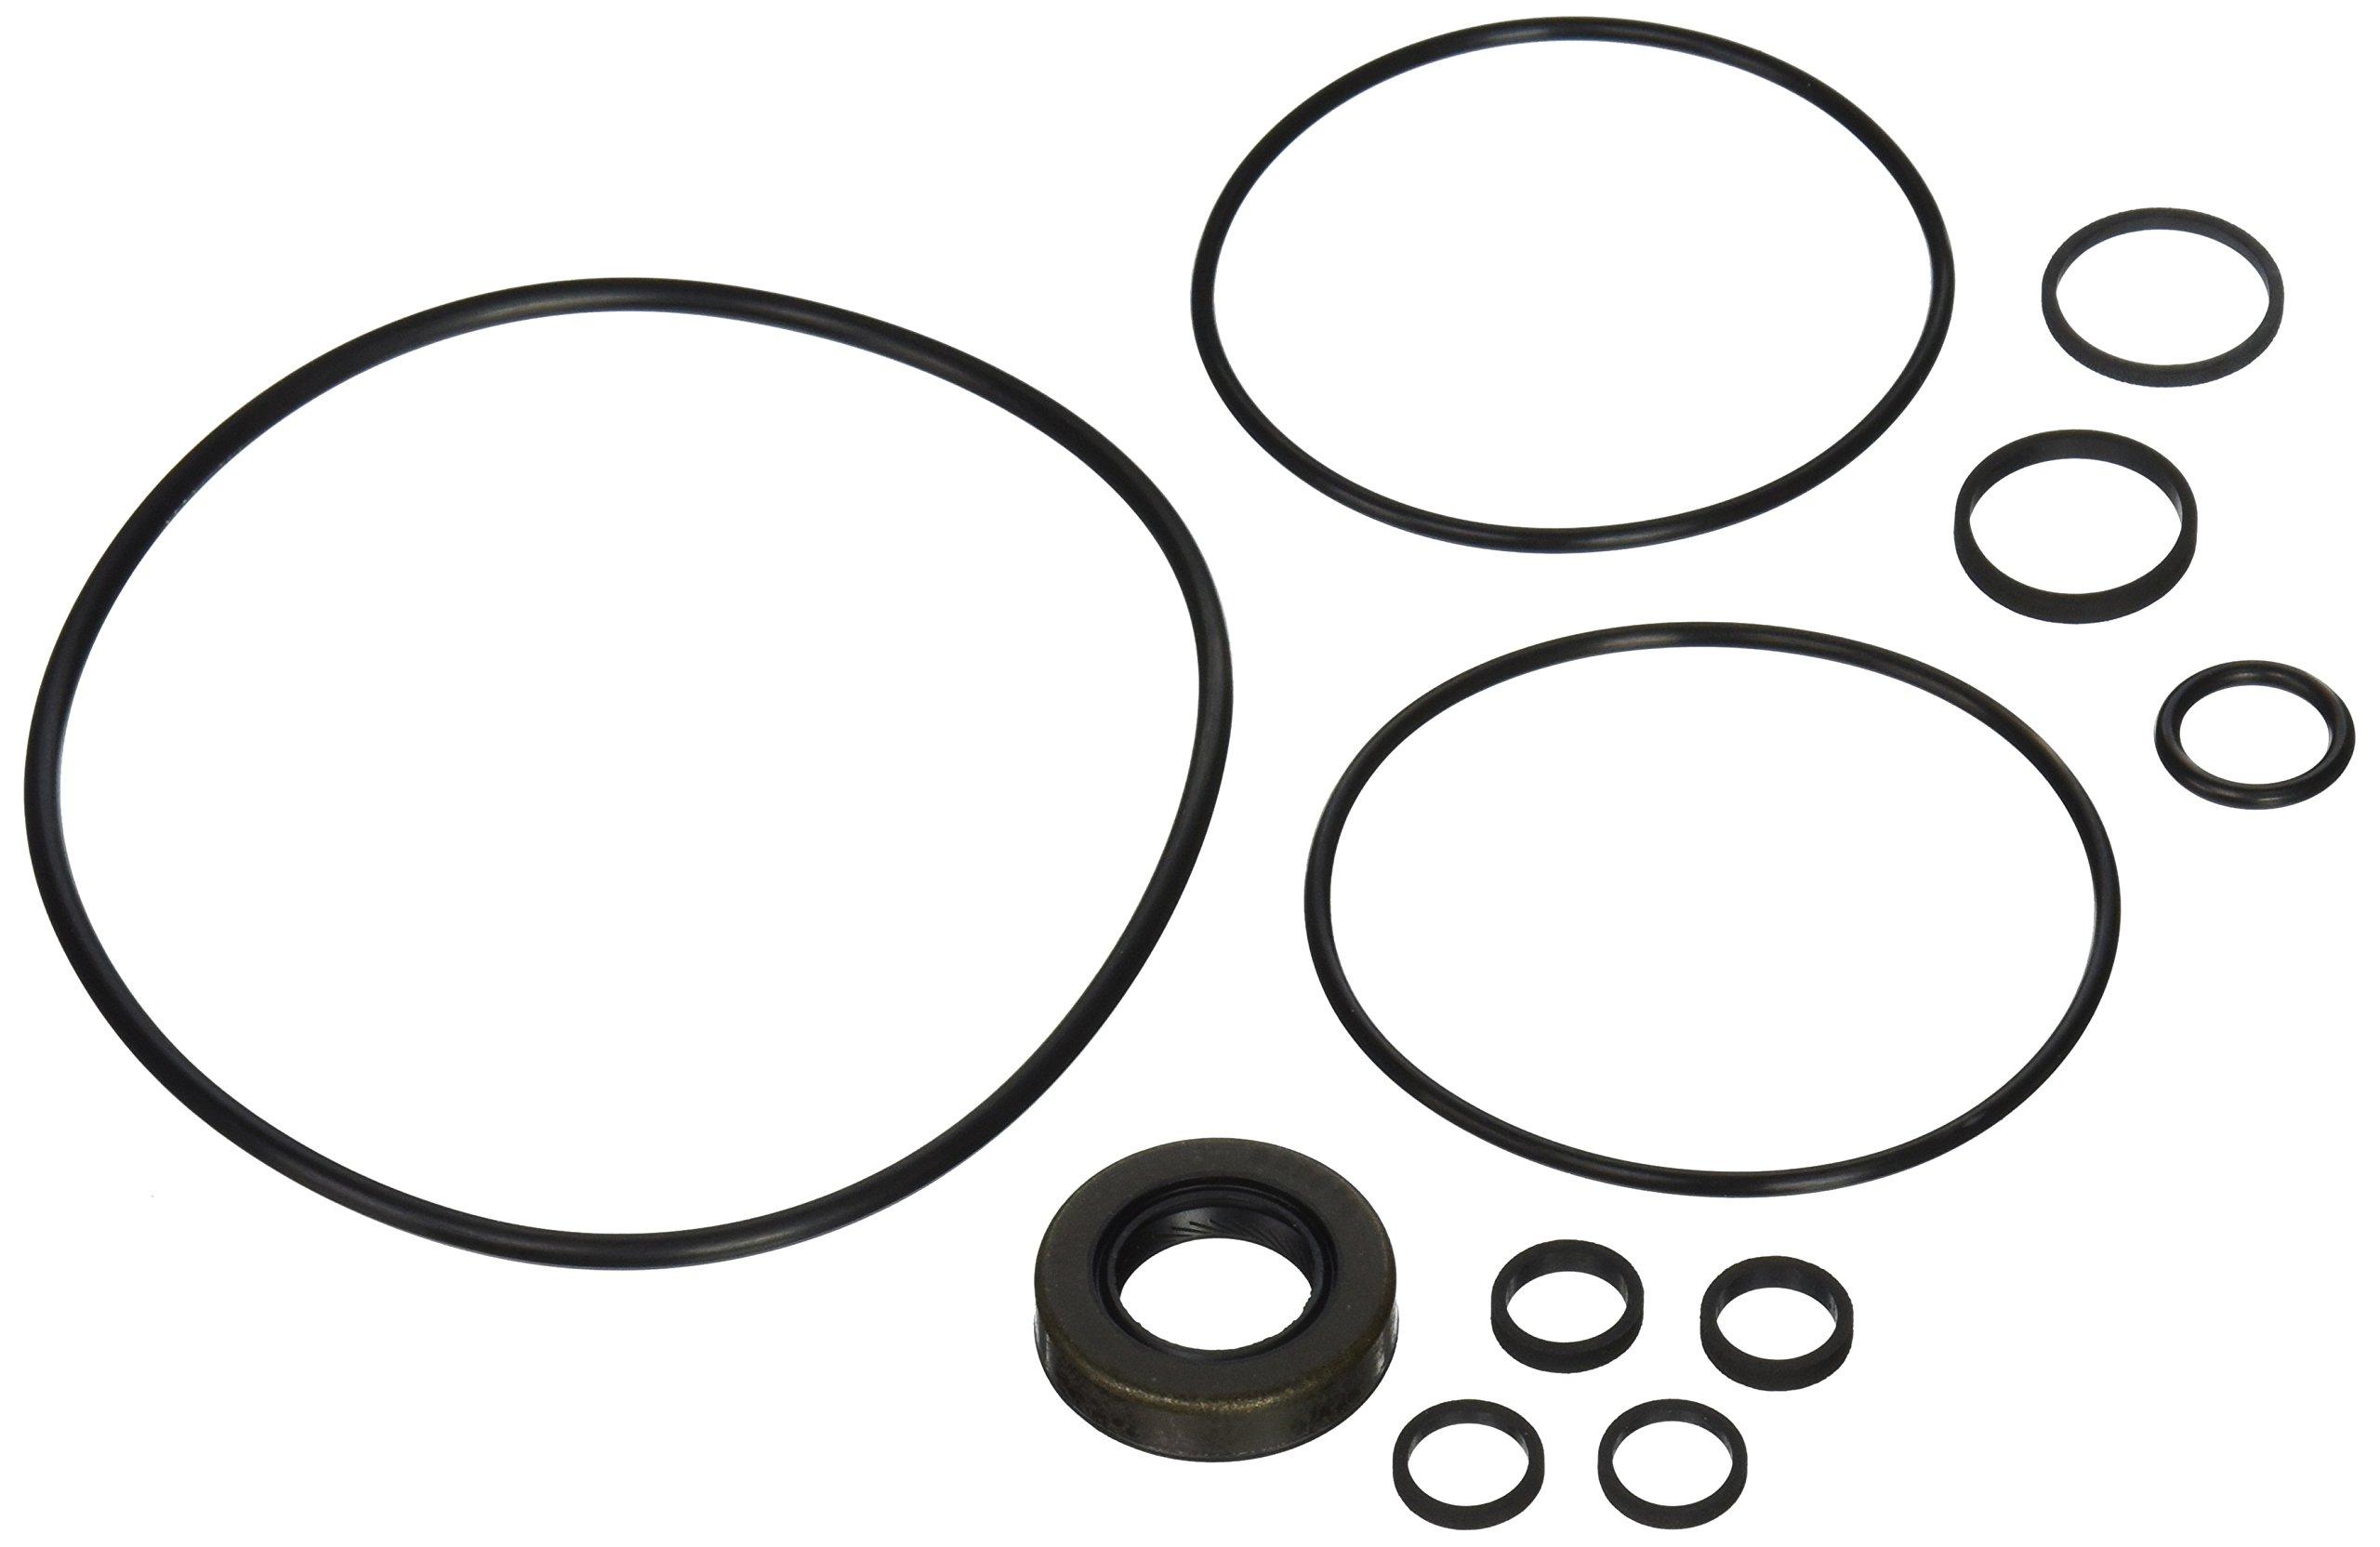 gates 351160 power steering pump seal kit